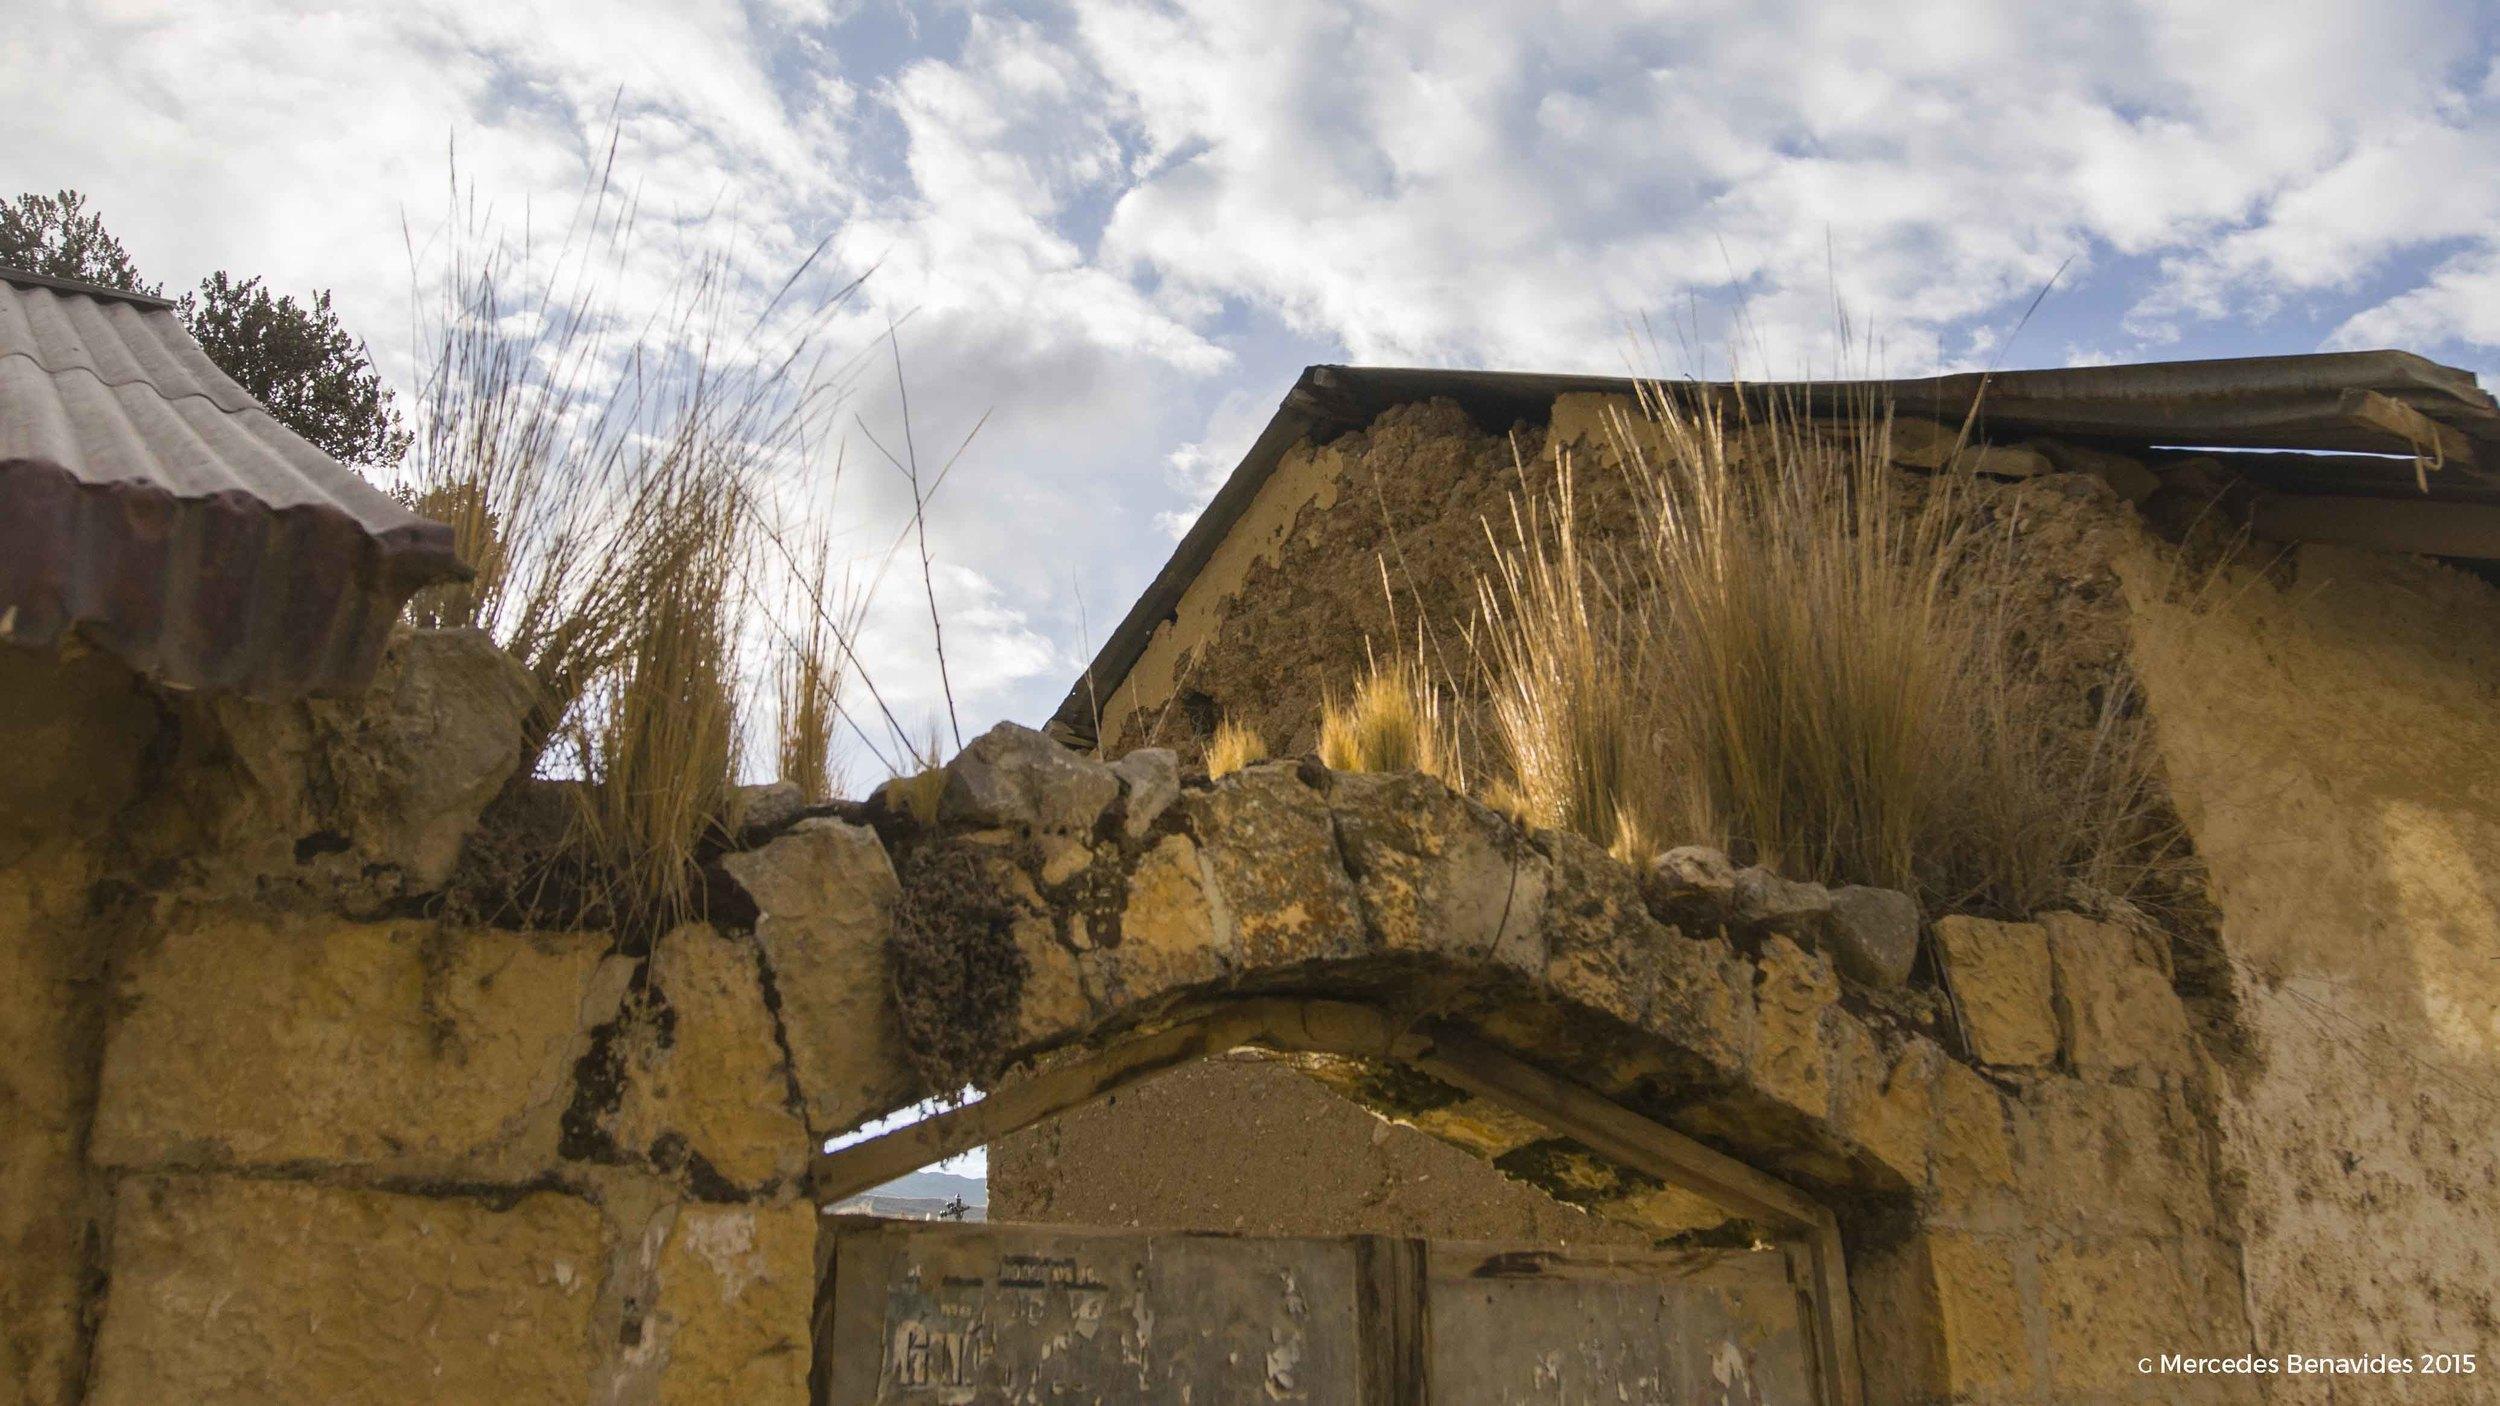 Portal y muro típico de Ondores, con Ichu encima. Construcción tapial.  Potal and wall typical of Ondores. Ichu grass on top. Tapial construction.